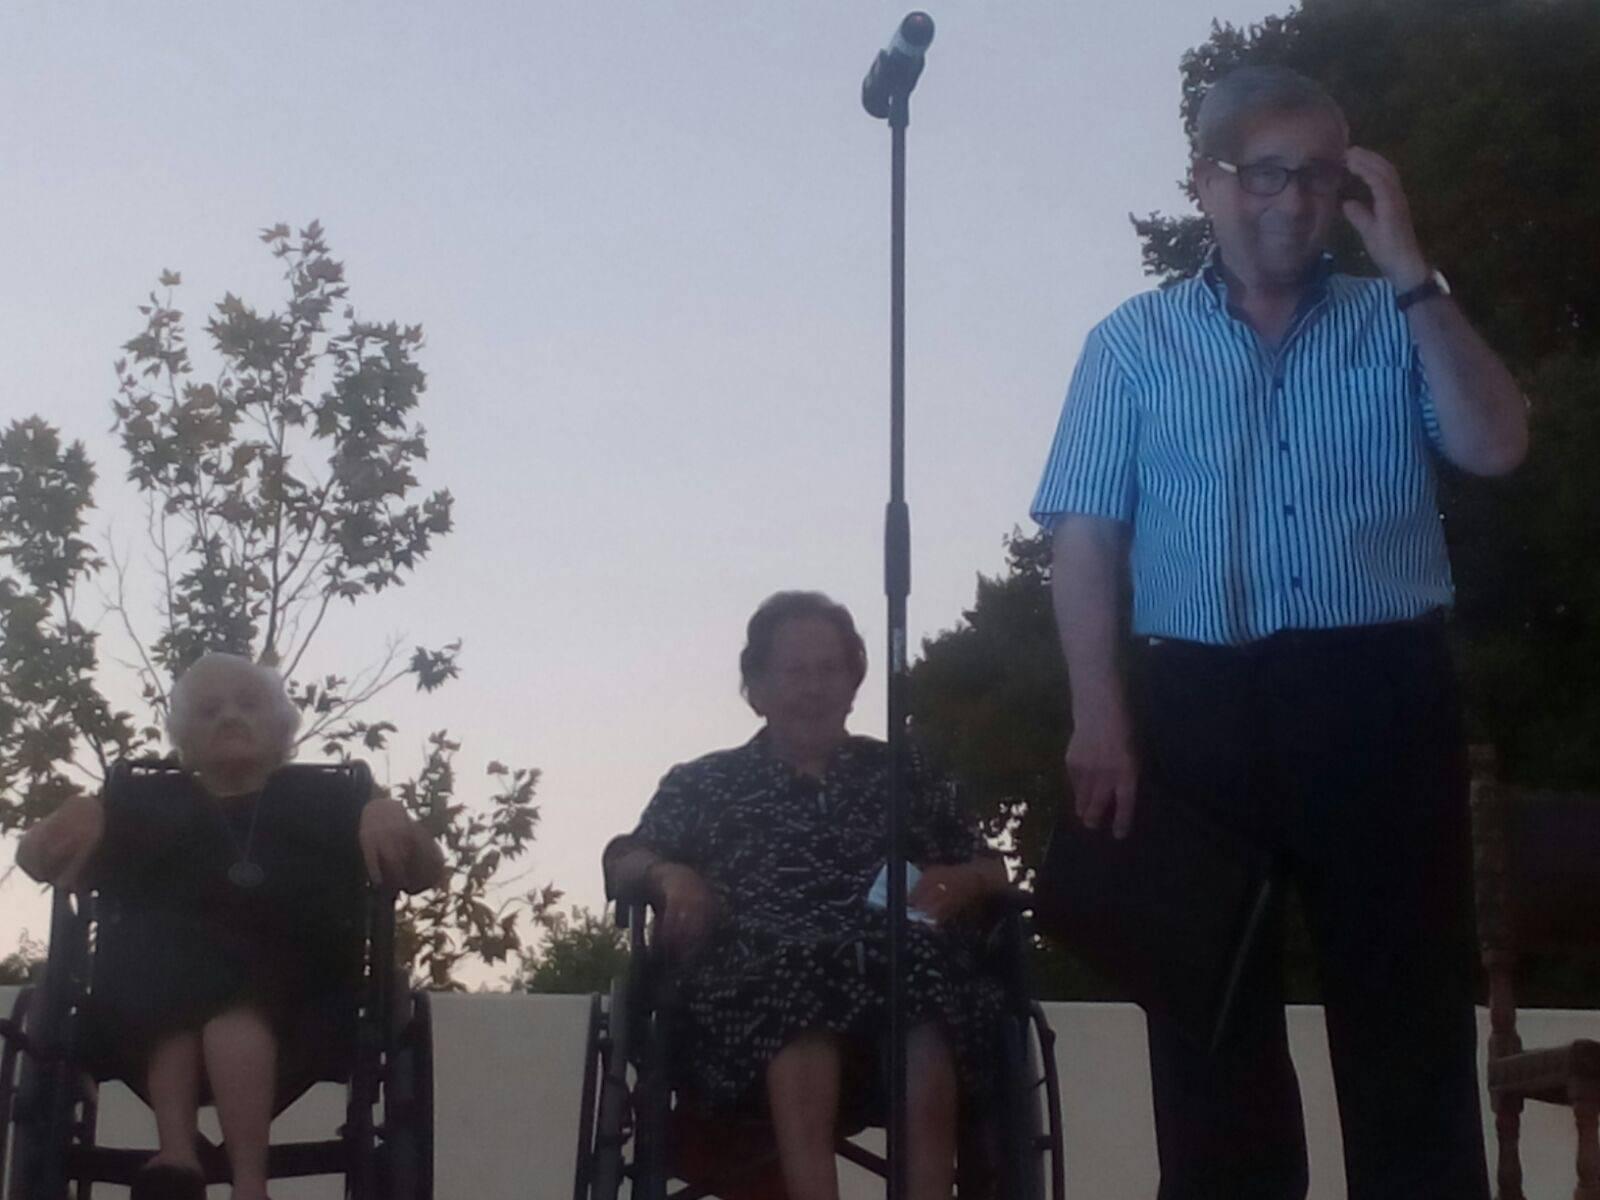 Encuentro de mayores de Herencia11 - Más de 300 personas en la I Cena de Gala del Día de los Abuelos